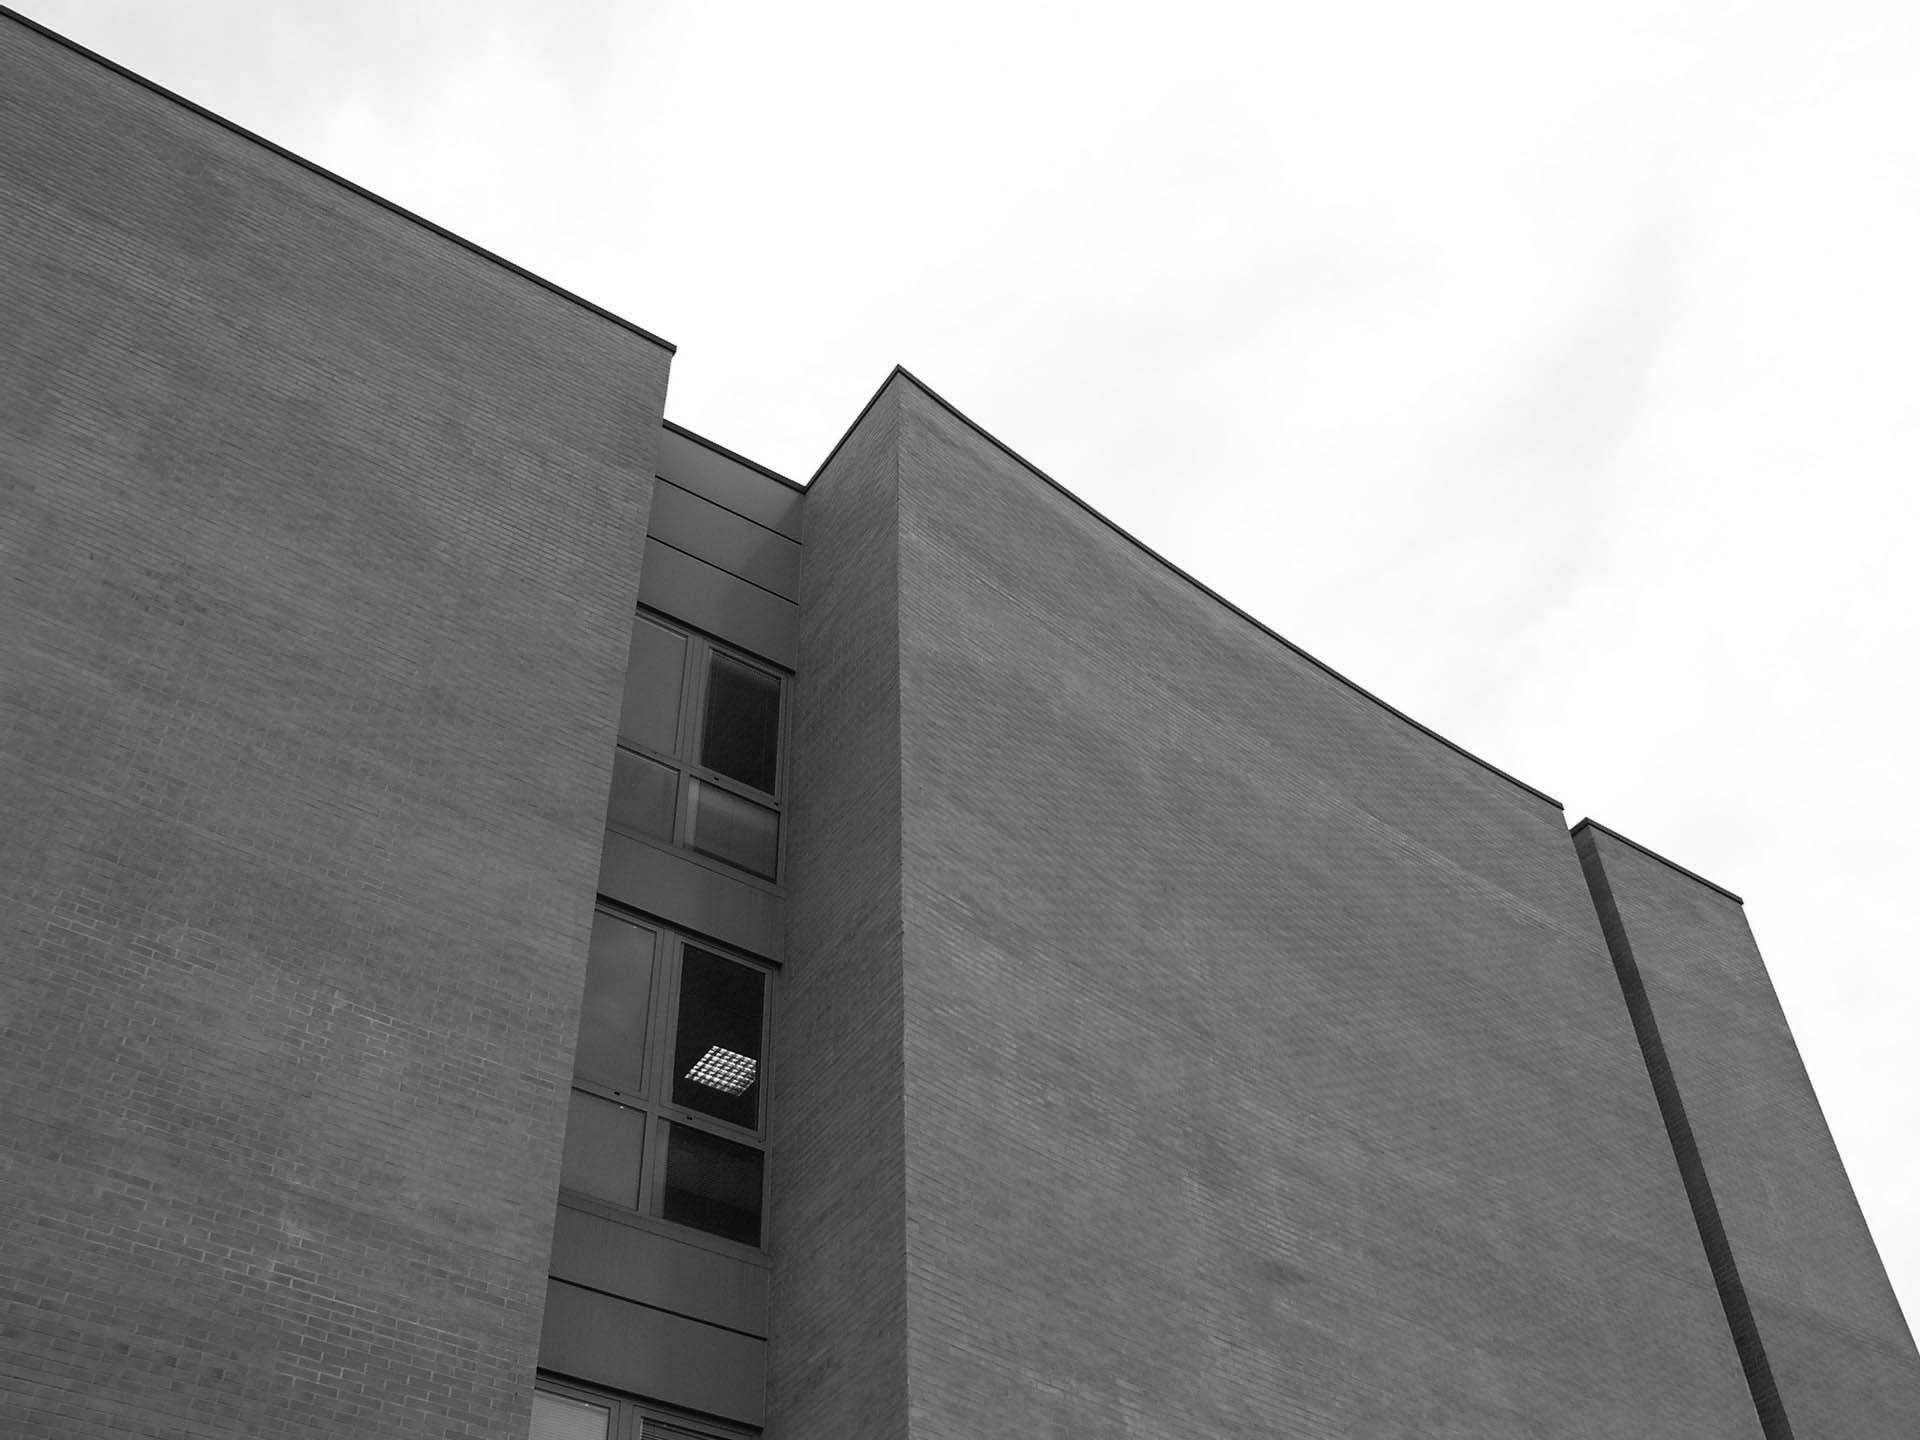 04 Studio Bacchi architetti associati Forlanini img 04 R02